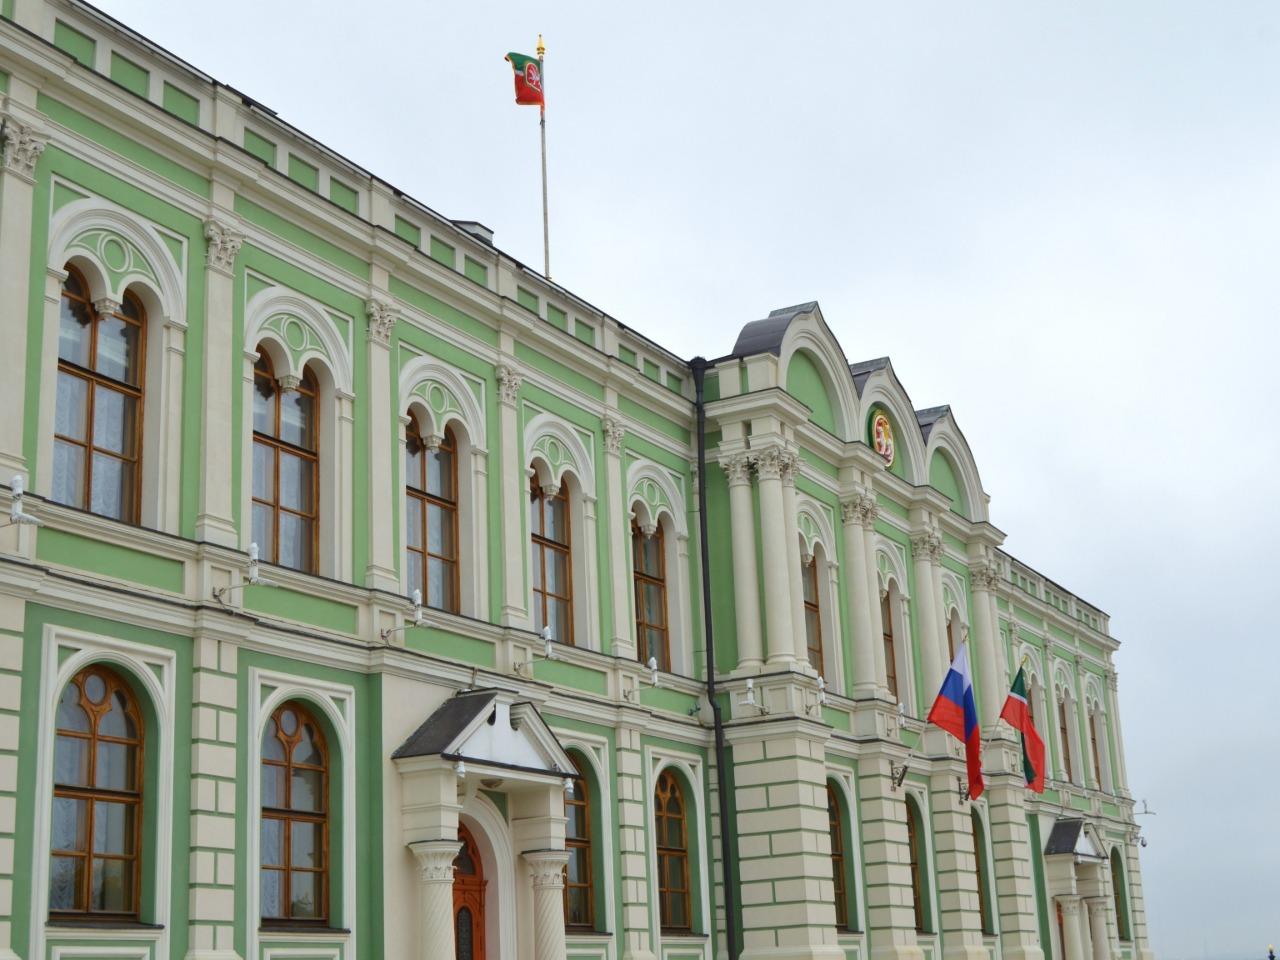 Жемчужины Казанского Кремля - индивидуальная экскурсия в Казани от опытного гида